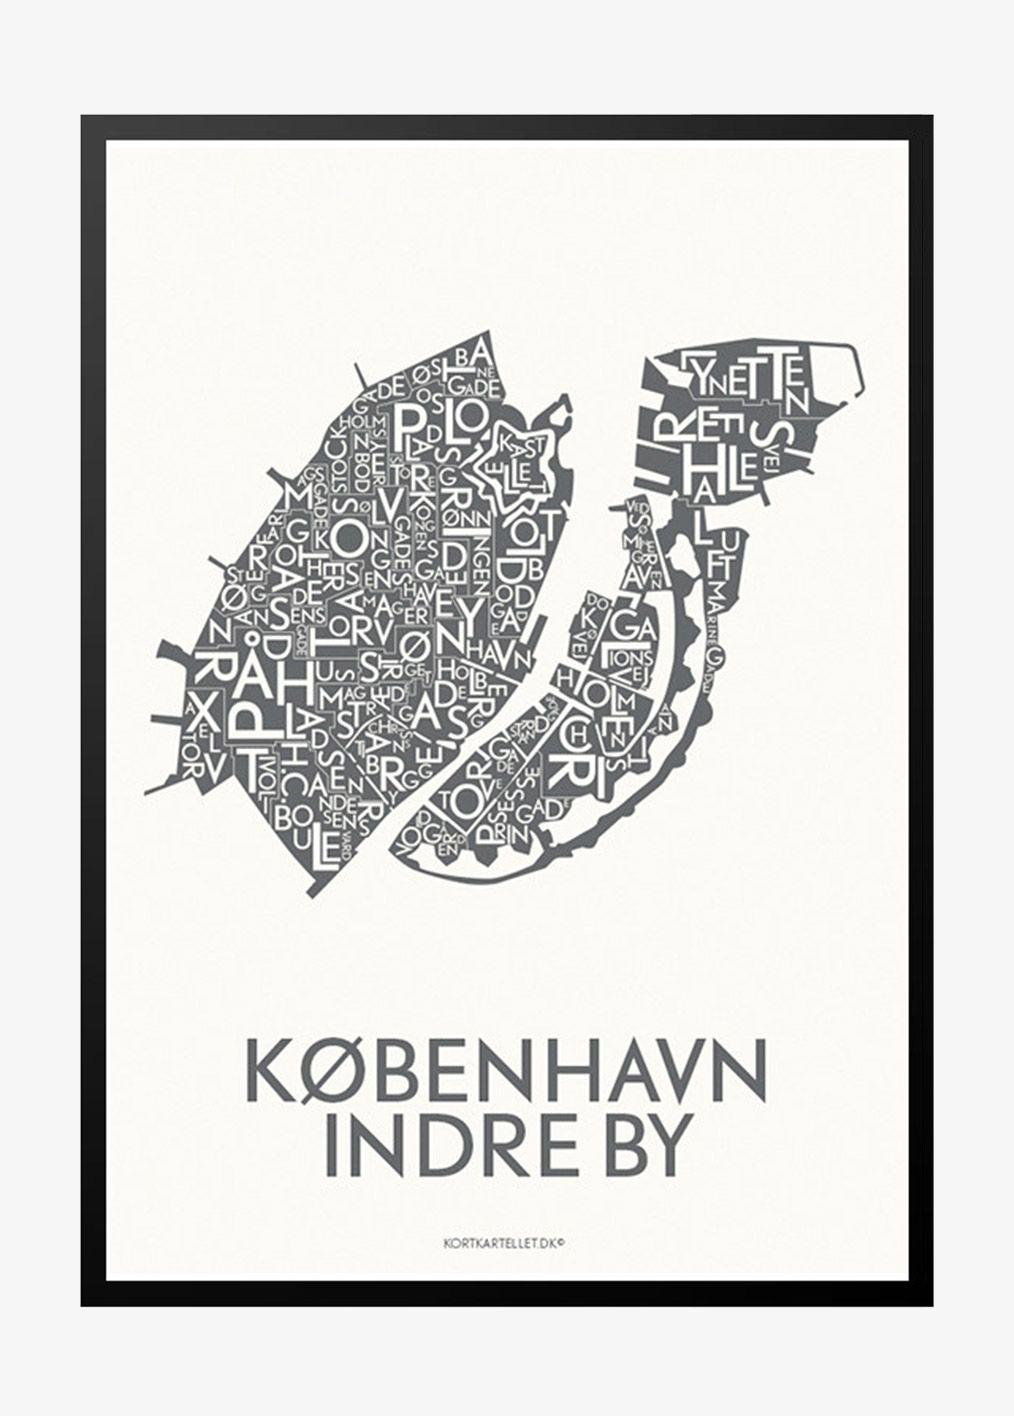 Moderne Og Cool Plakat Med Kort Over Det Indre Kobenhavn Plakat